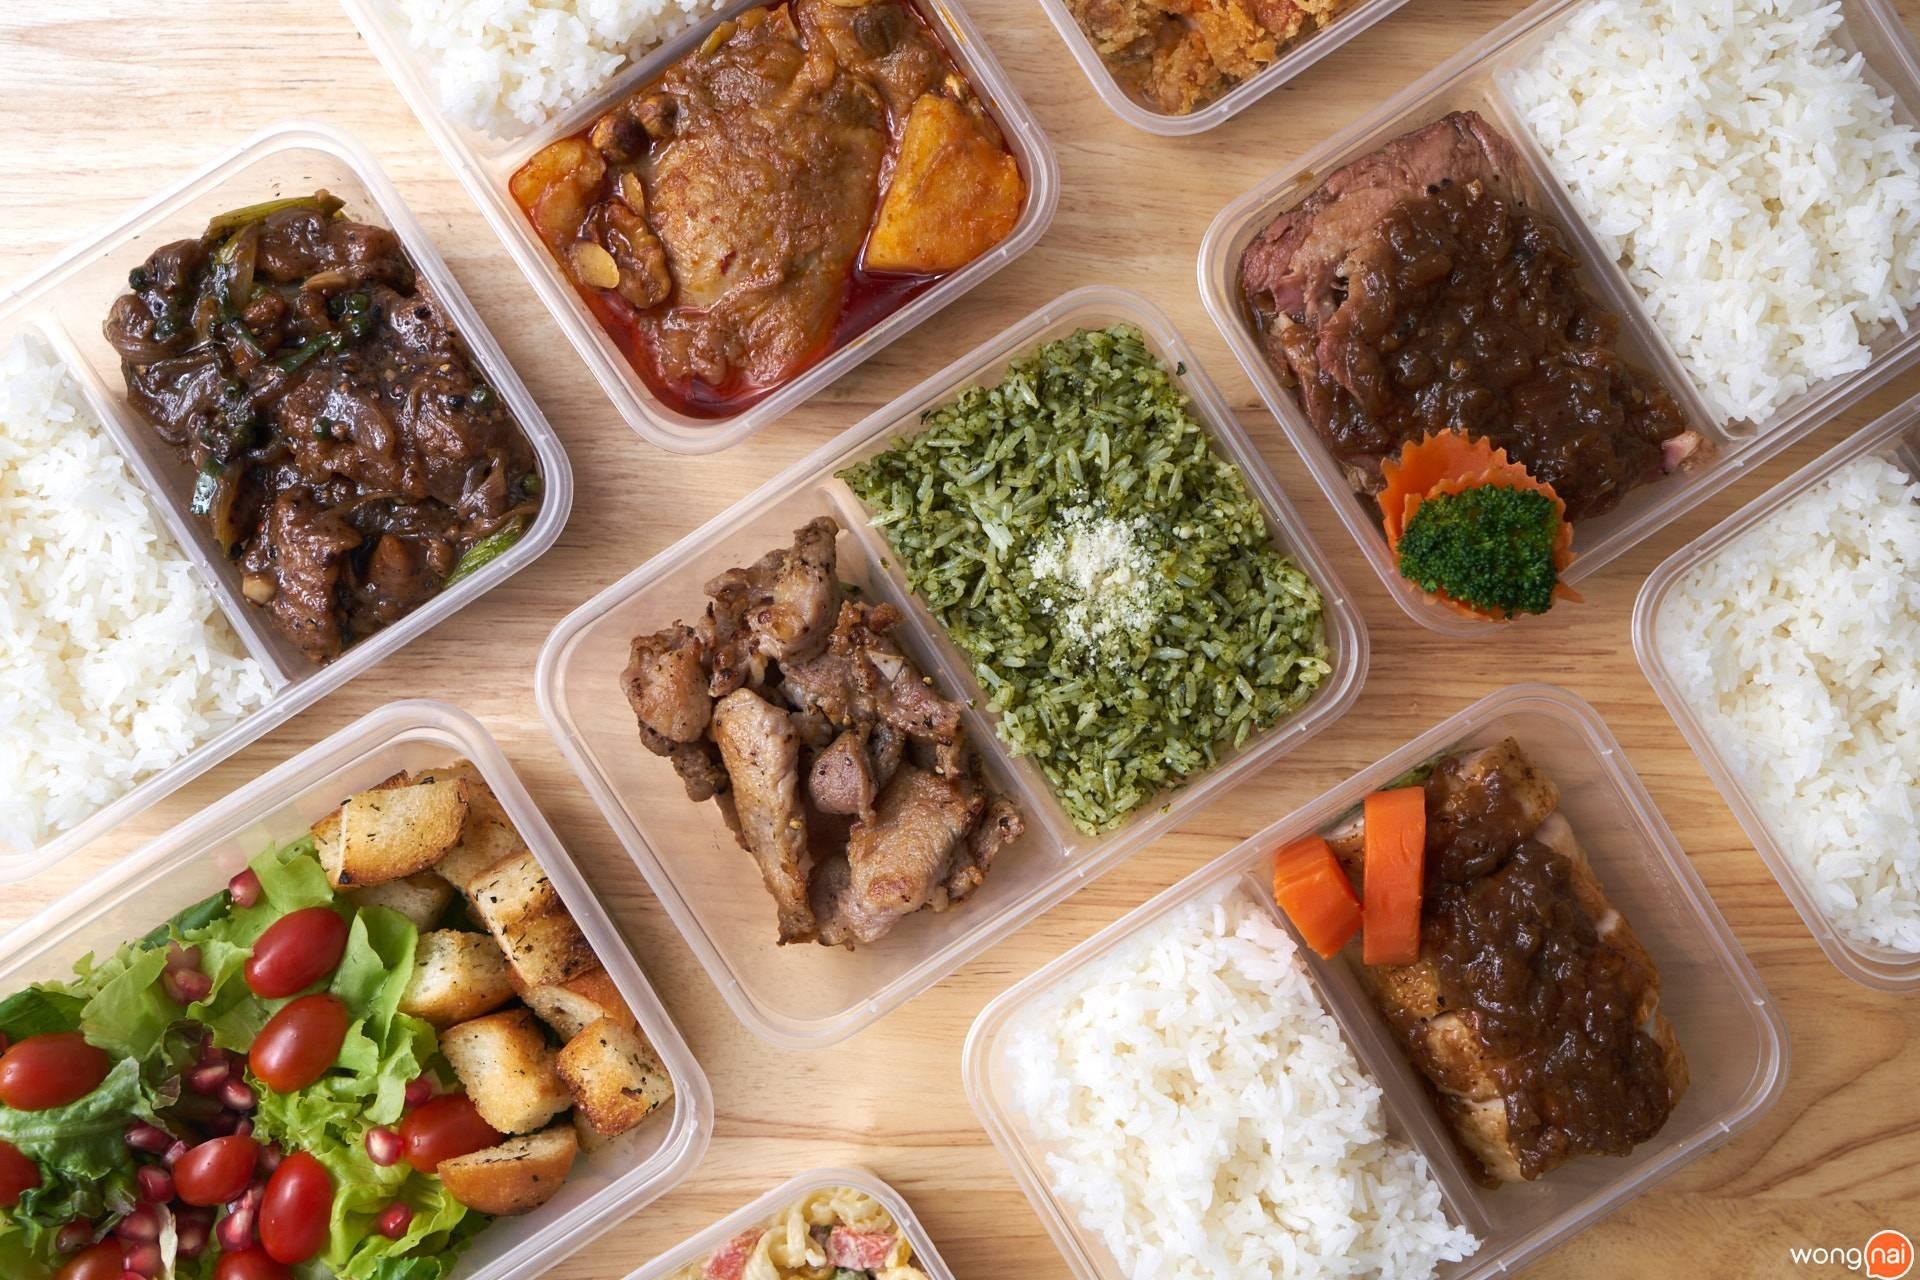 สั่งอาหารออนไลน์ได้ที่ CIBO